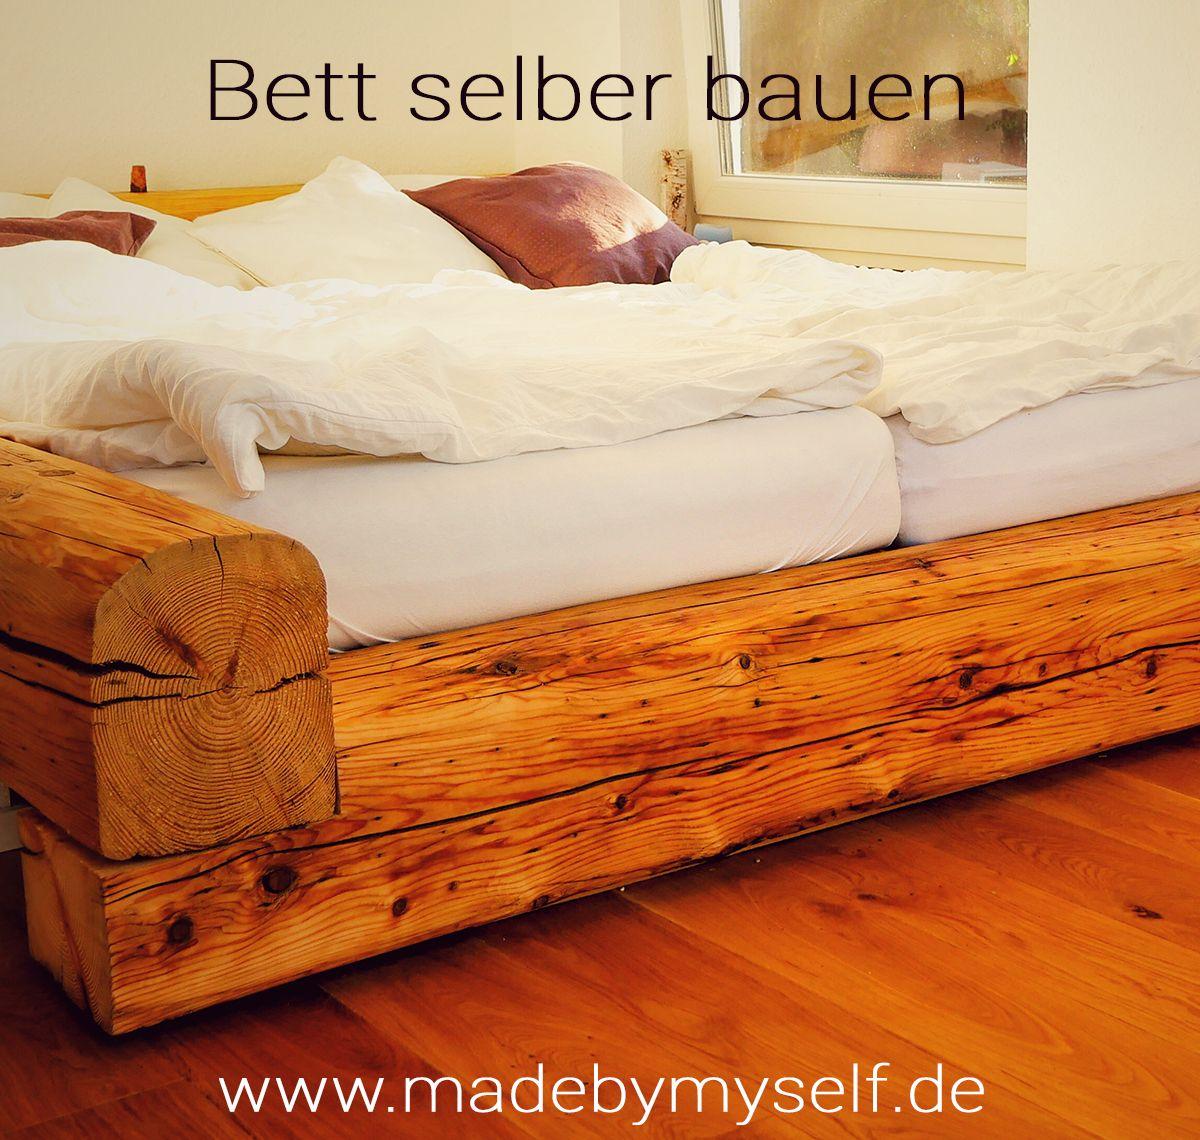 Full Size of Bauanleitung Bauplan Palettenbett Balkenbett Bett Selber Bauen Wohnzimmer Bauanleitung Bauplan Palettenbett